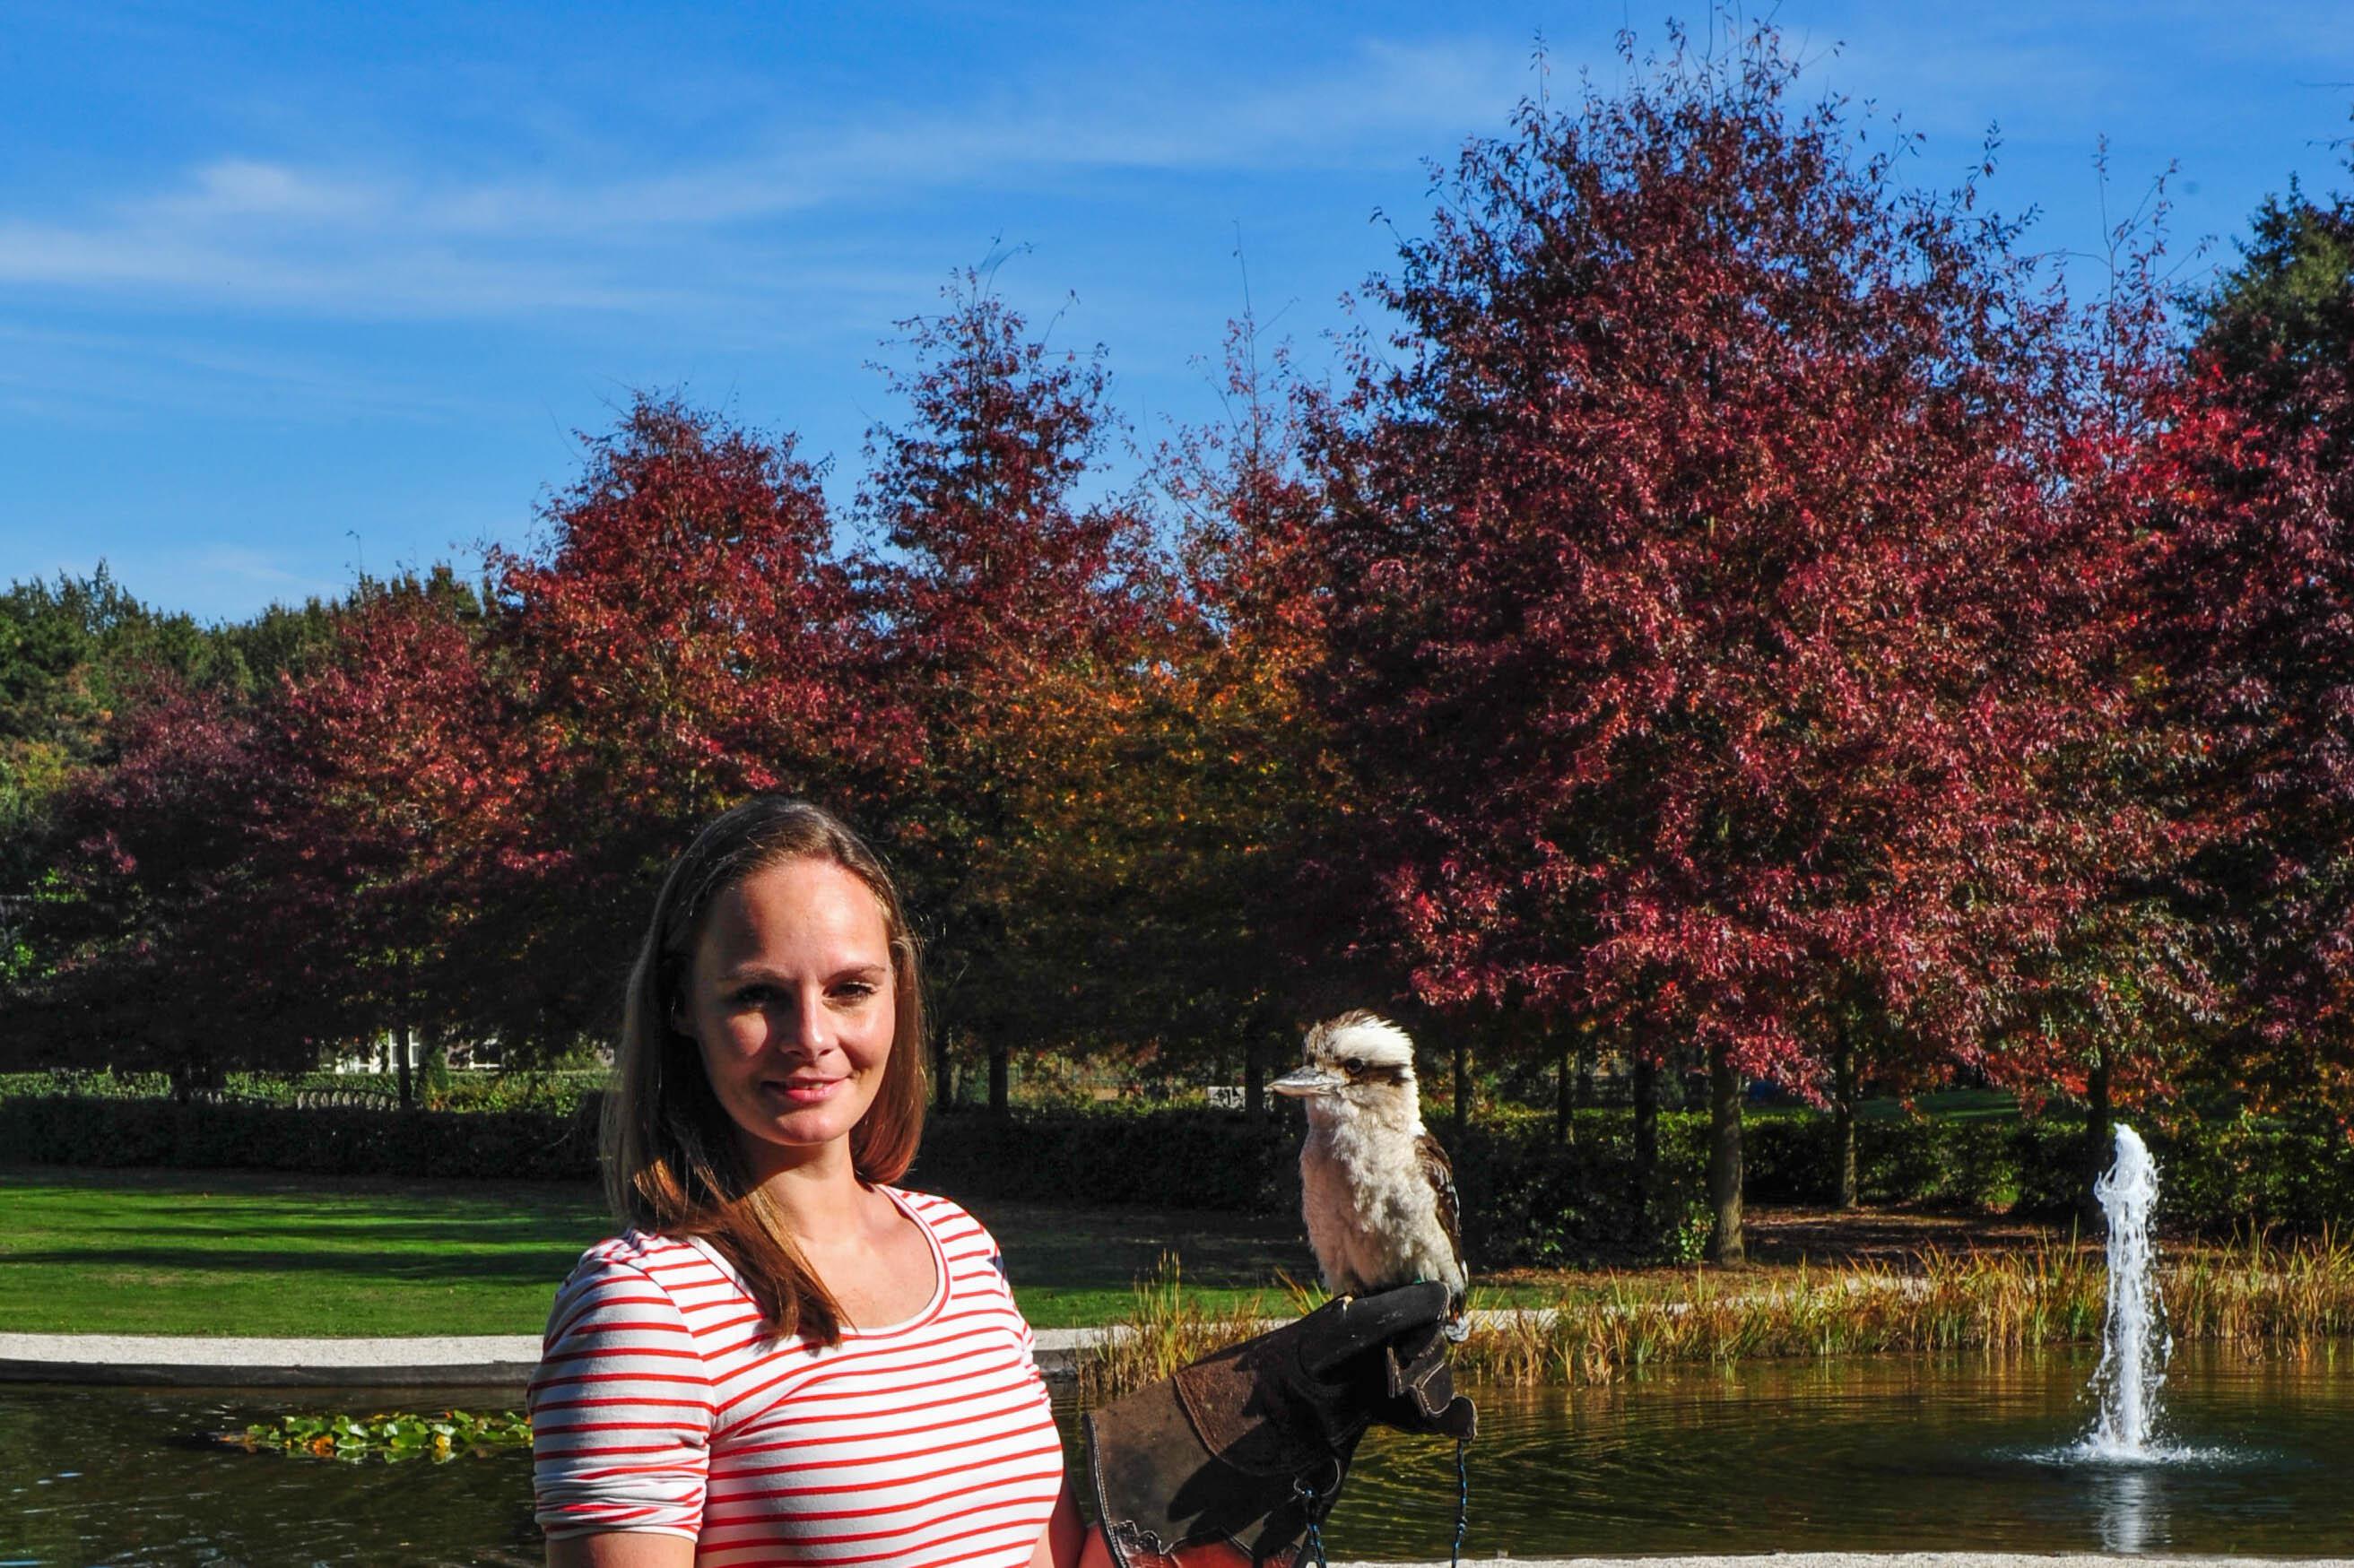 Een geweldig coachweekend met roofvogels